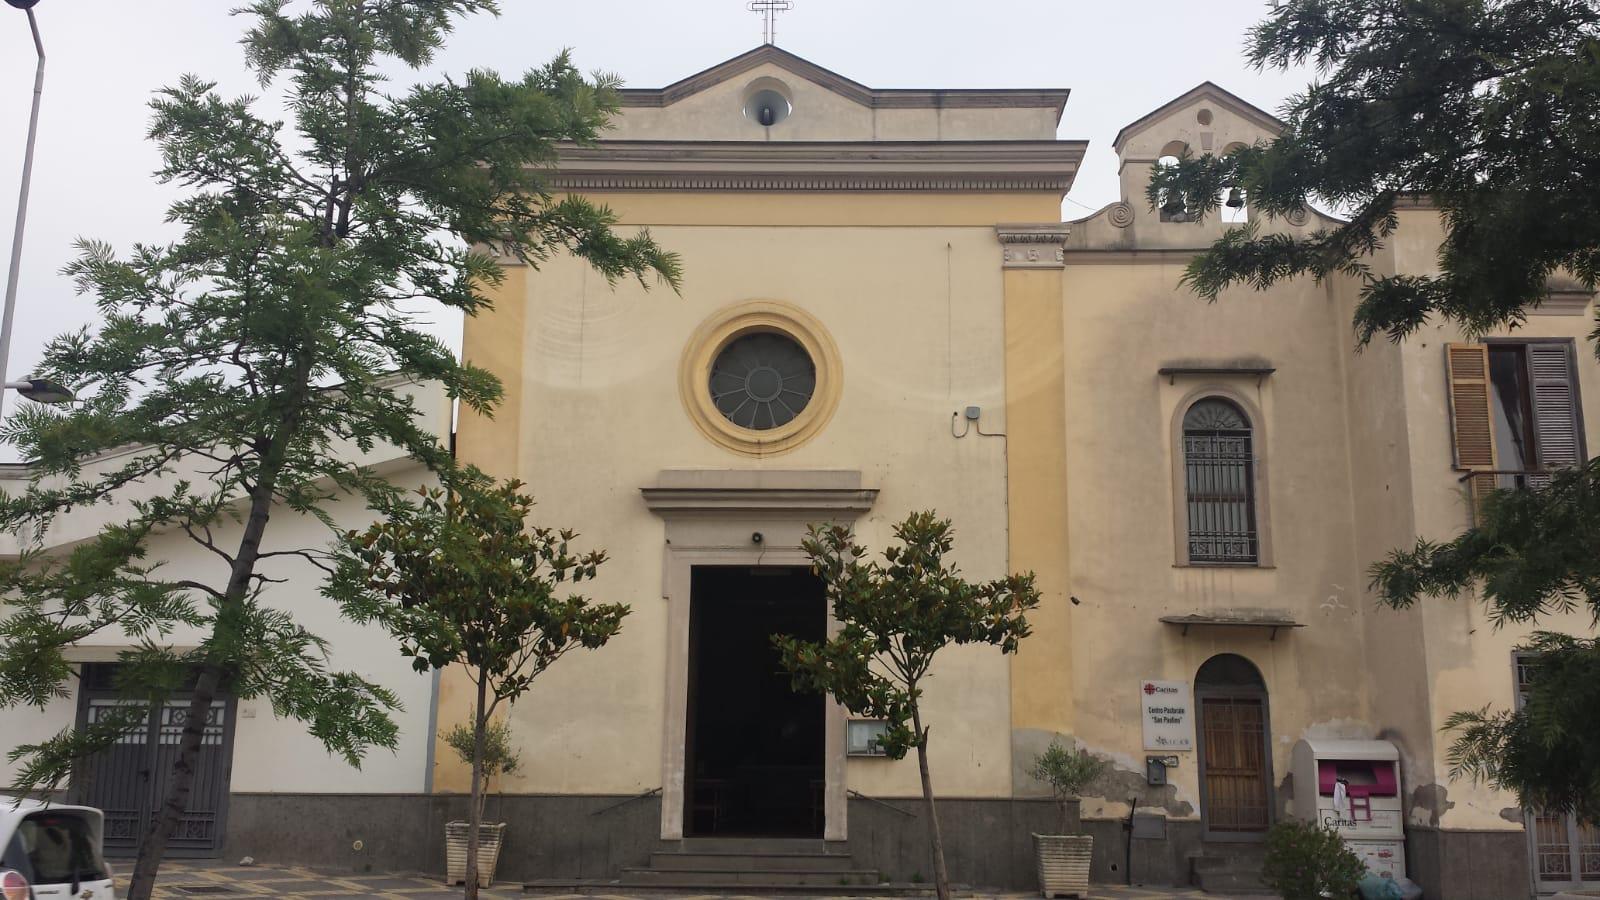 Via Romani Pomigliano D Arco santa maria del suffragio pomigliano